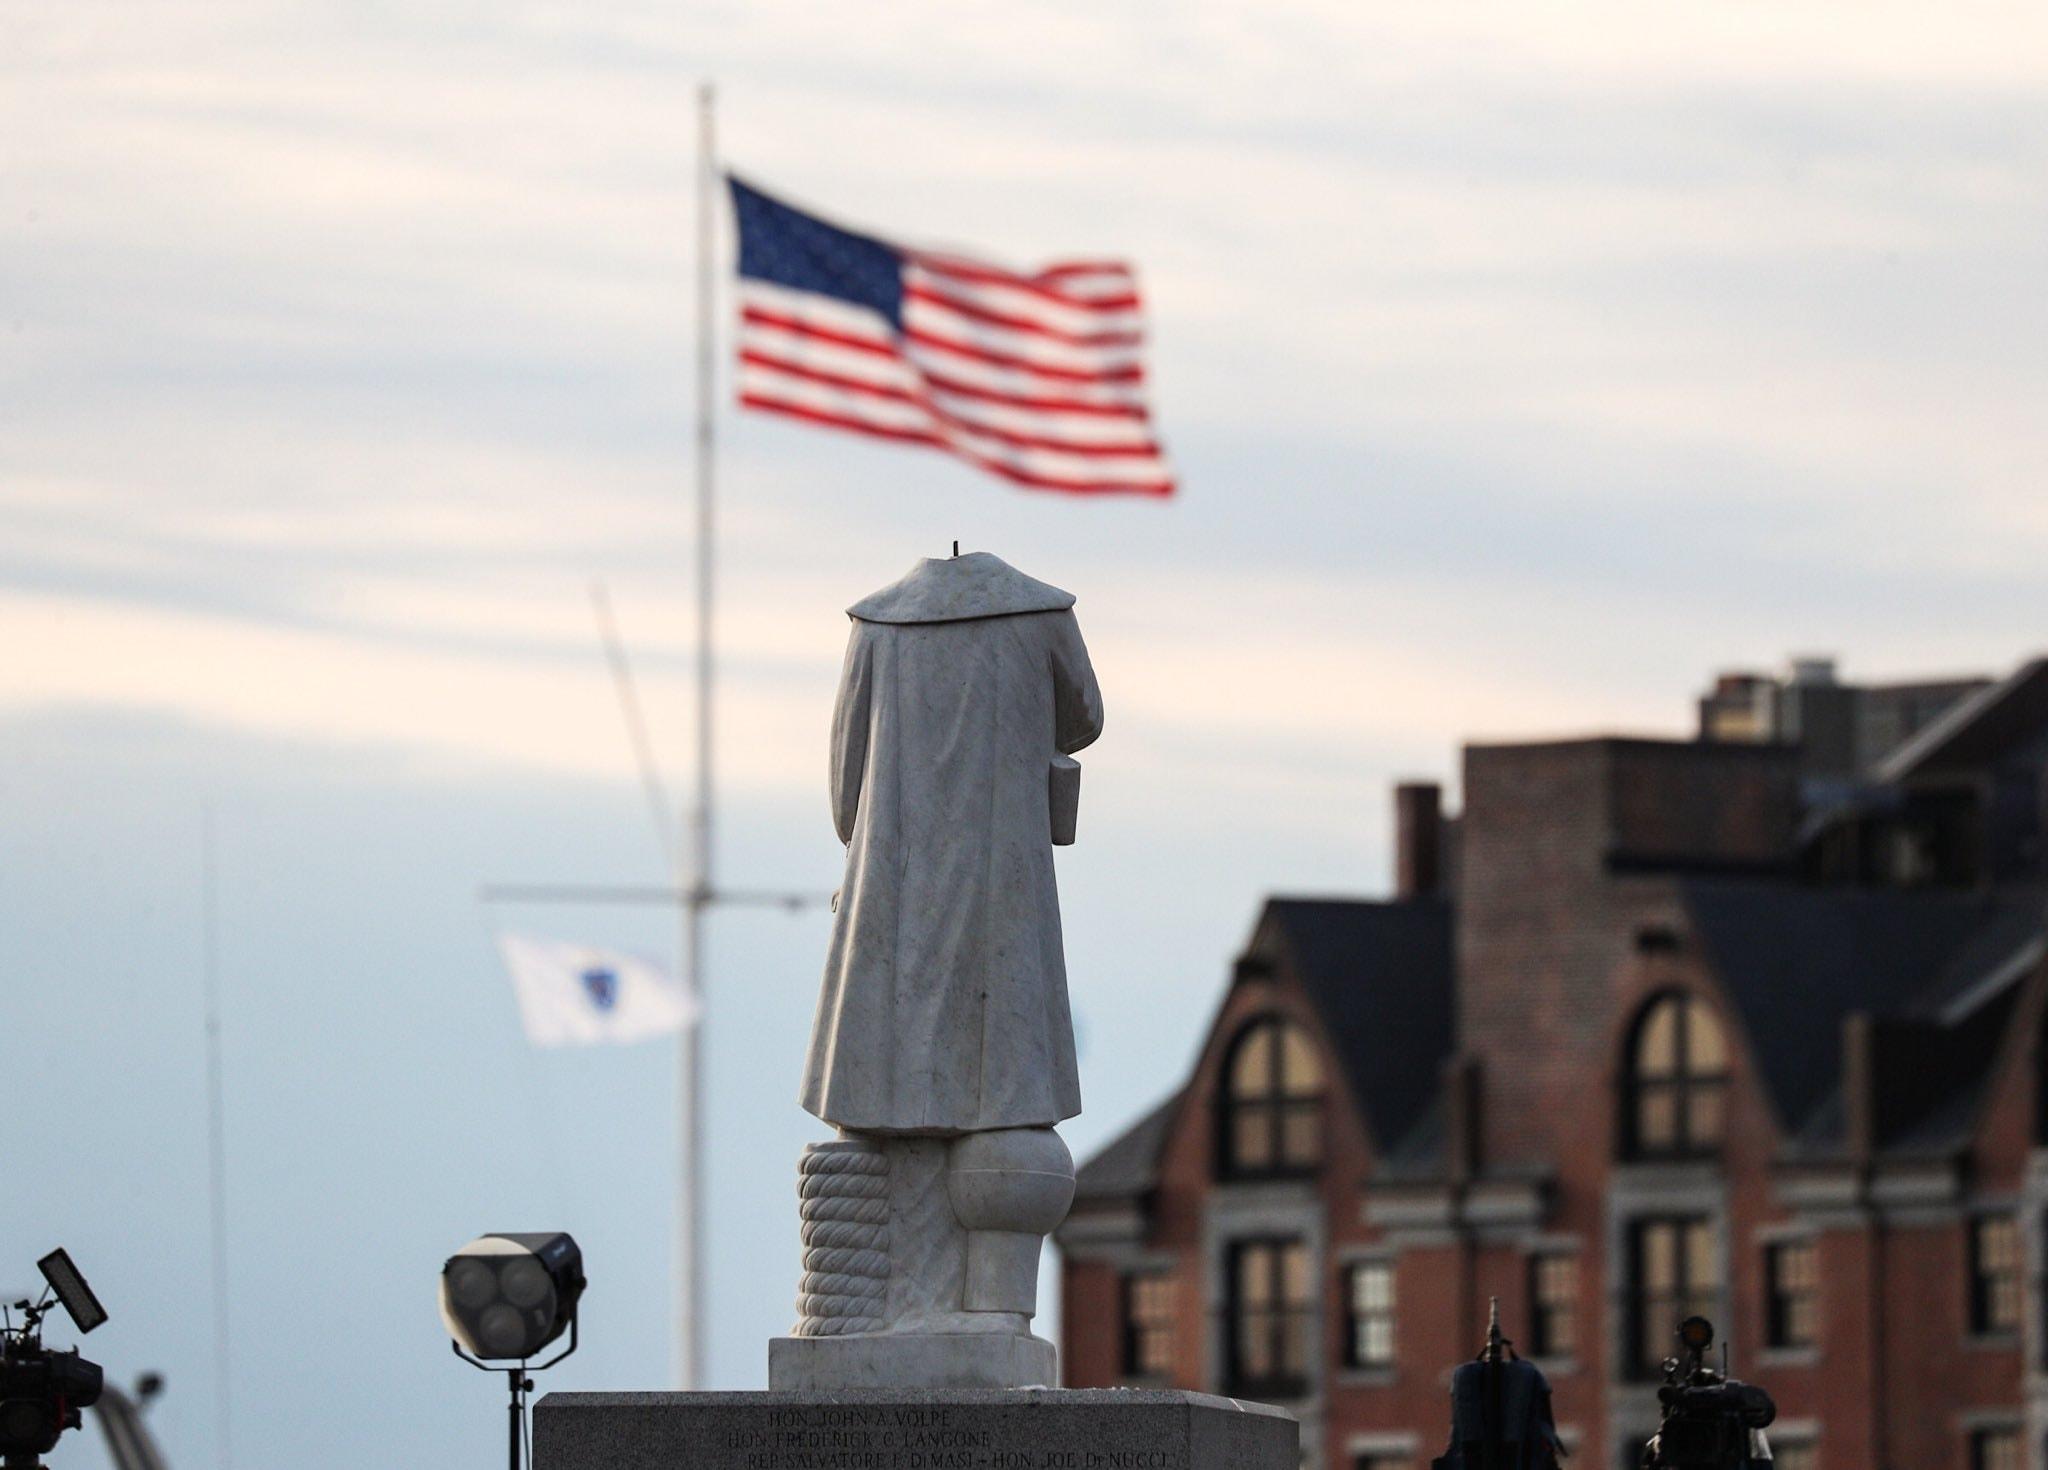 ночью 10 июня статуя Христофора Колумба в Бостонском Норт Энде подверглась вандализму, у памятника отрезали голову